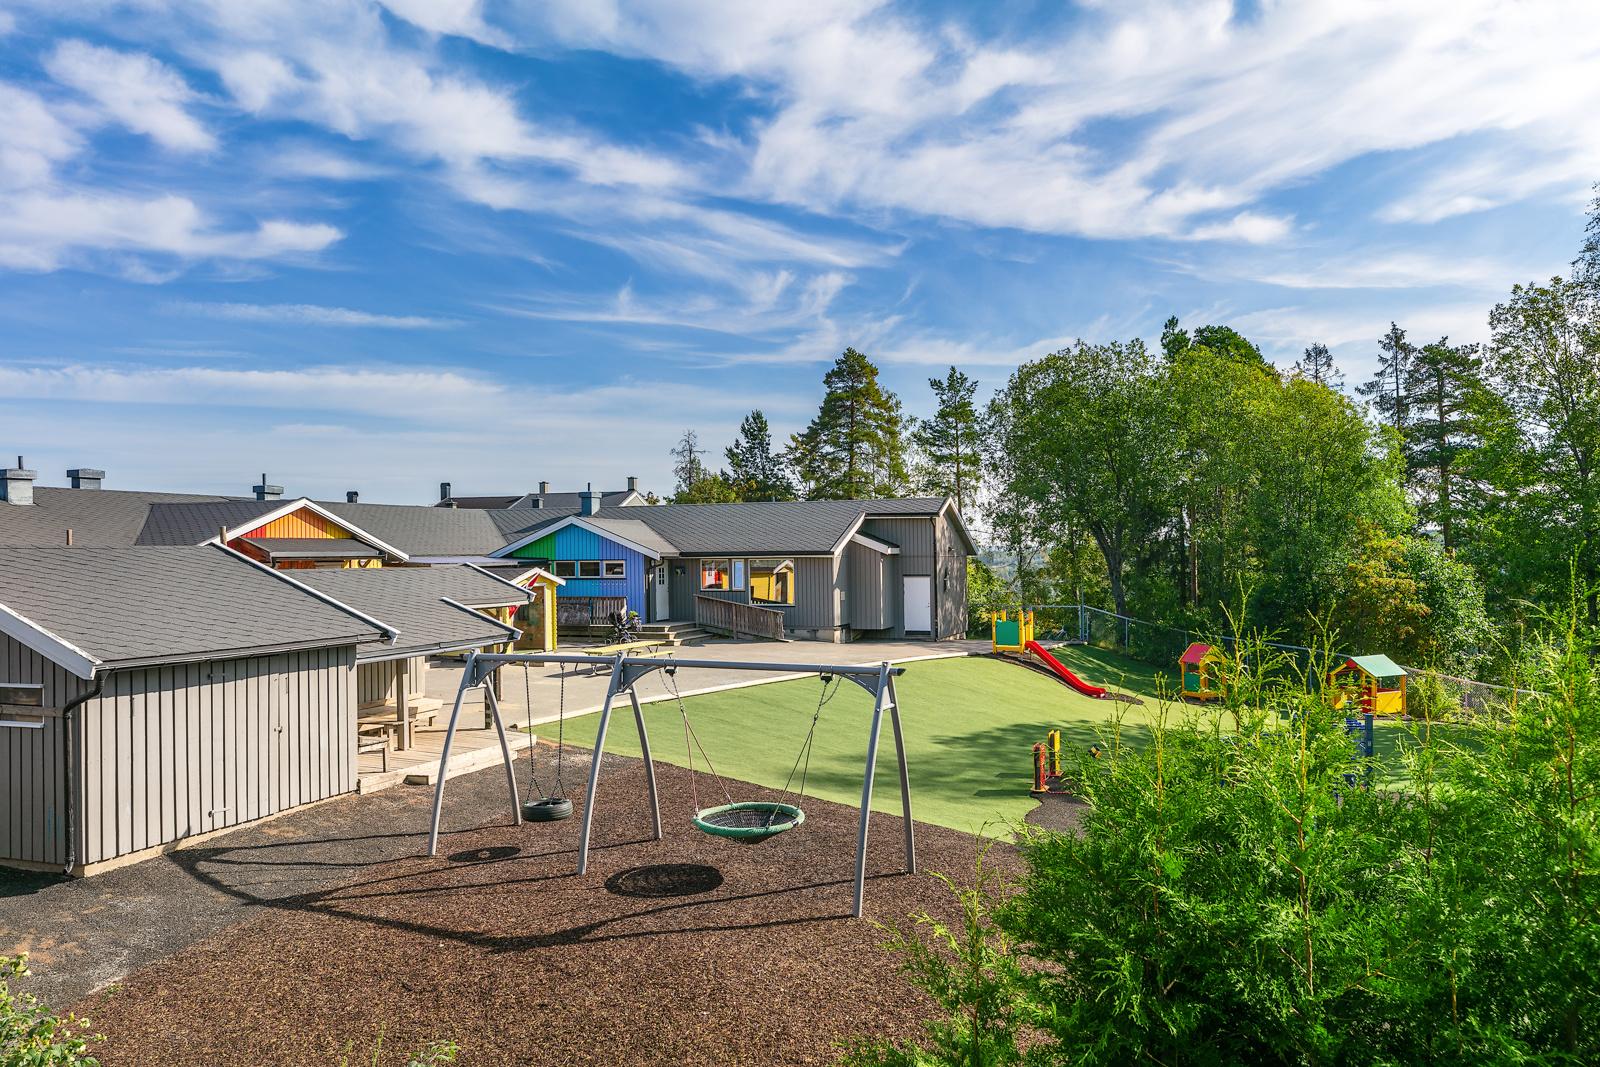 Sydskogen barnehage ligger som nærmeste nabo